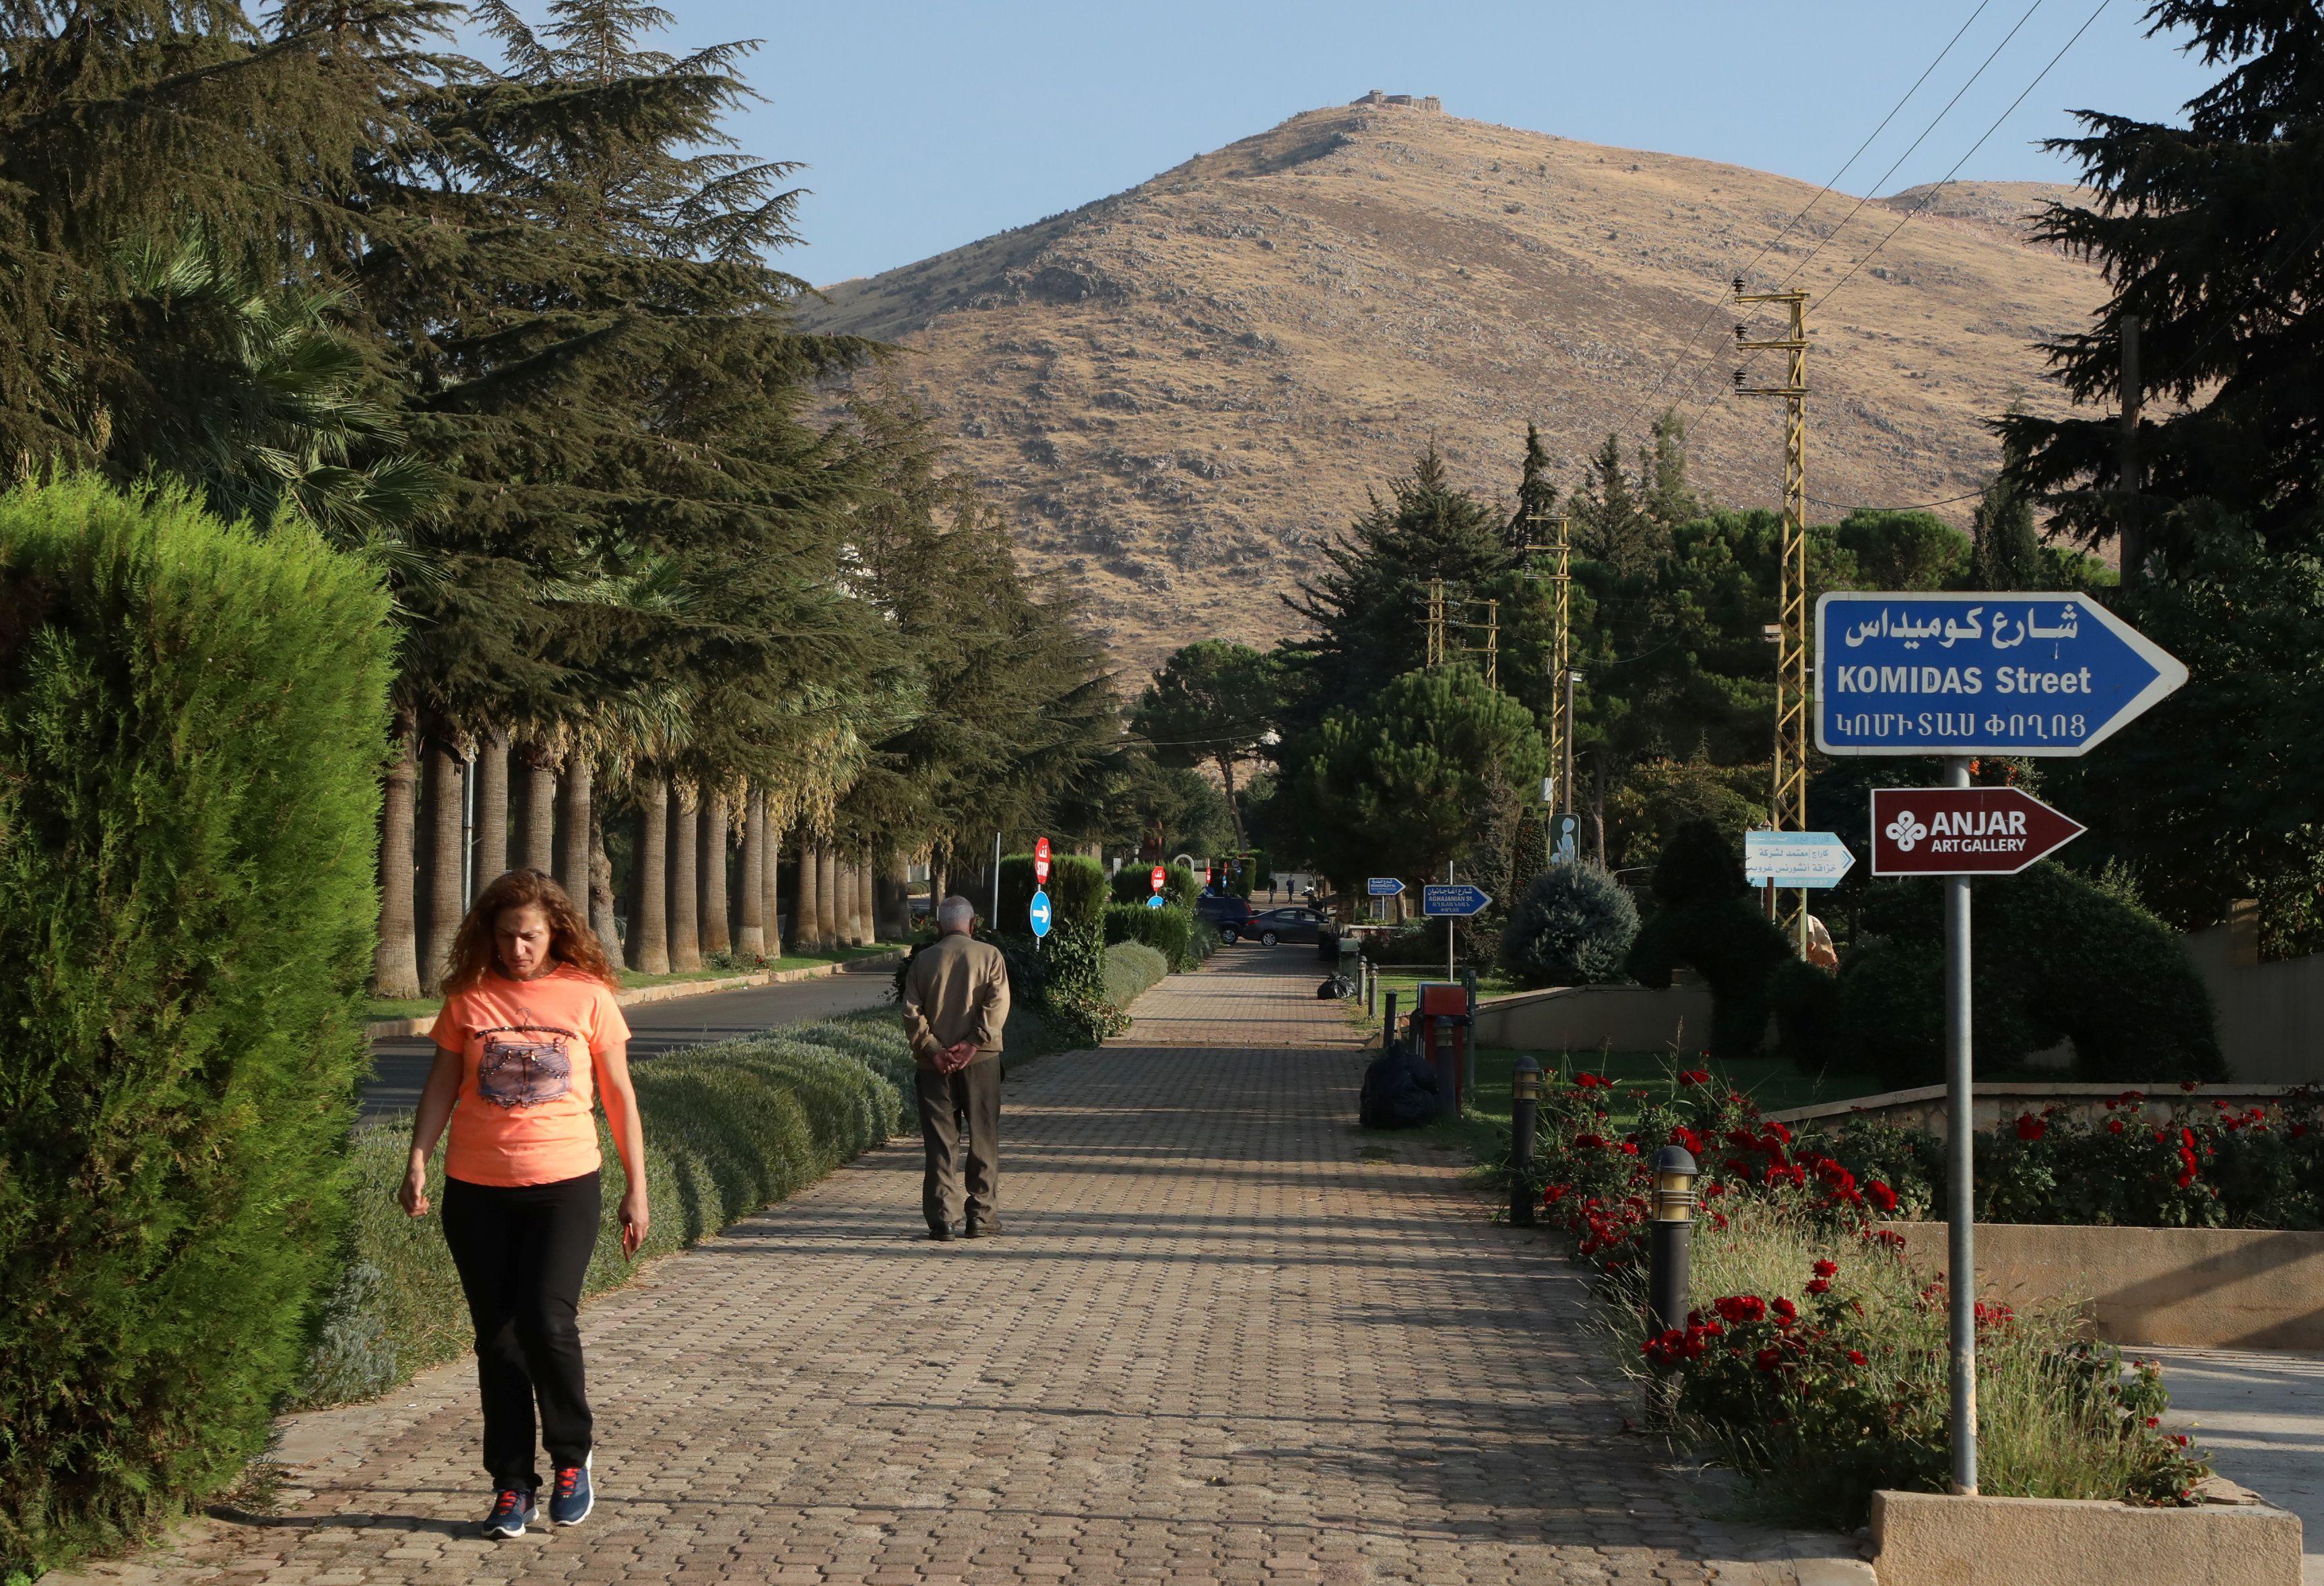 جانب من بلدة عنجر اللبنانية التي يغلب على سكانها الأرمن